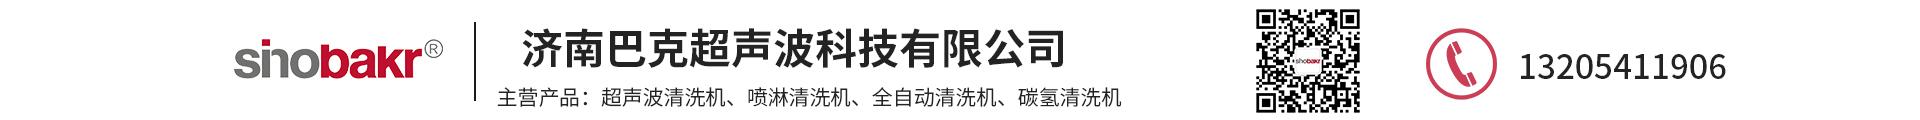 濟南巴克超聲波科技有限公司